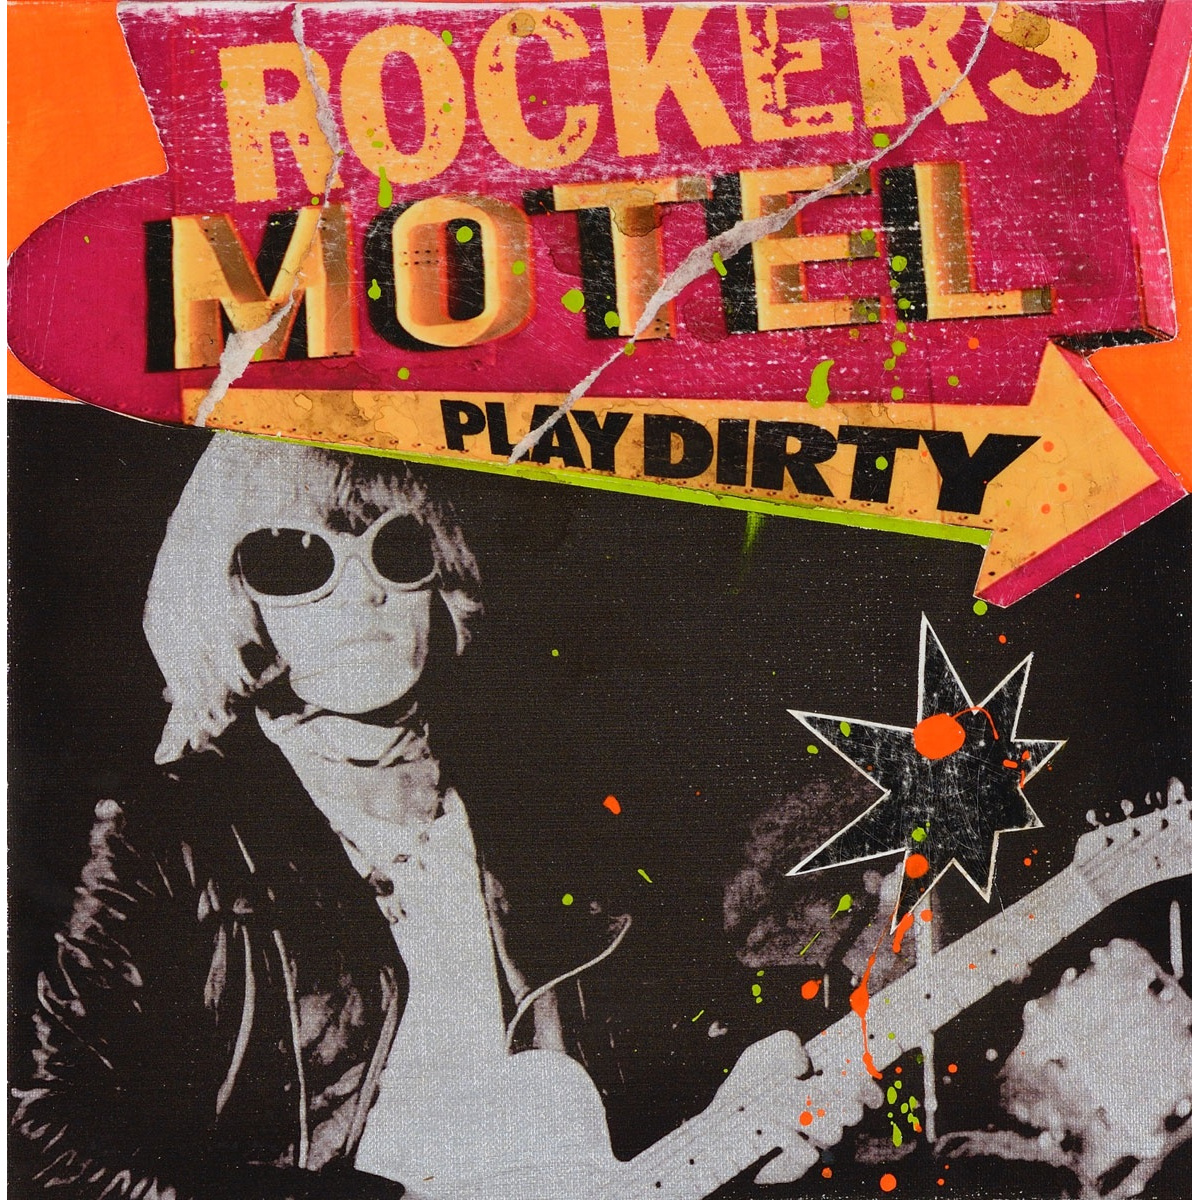 Rocker's Motel von Jörg Döring